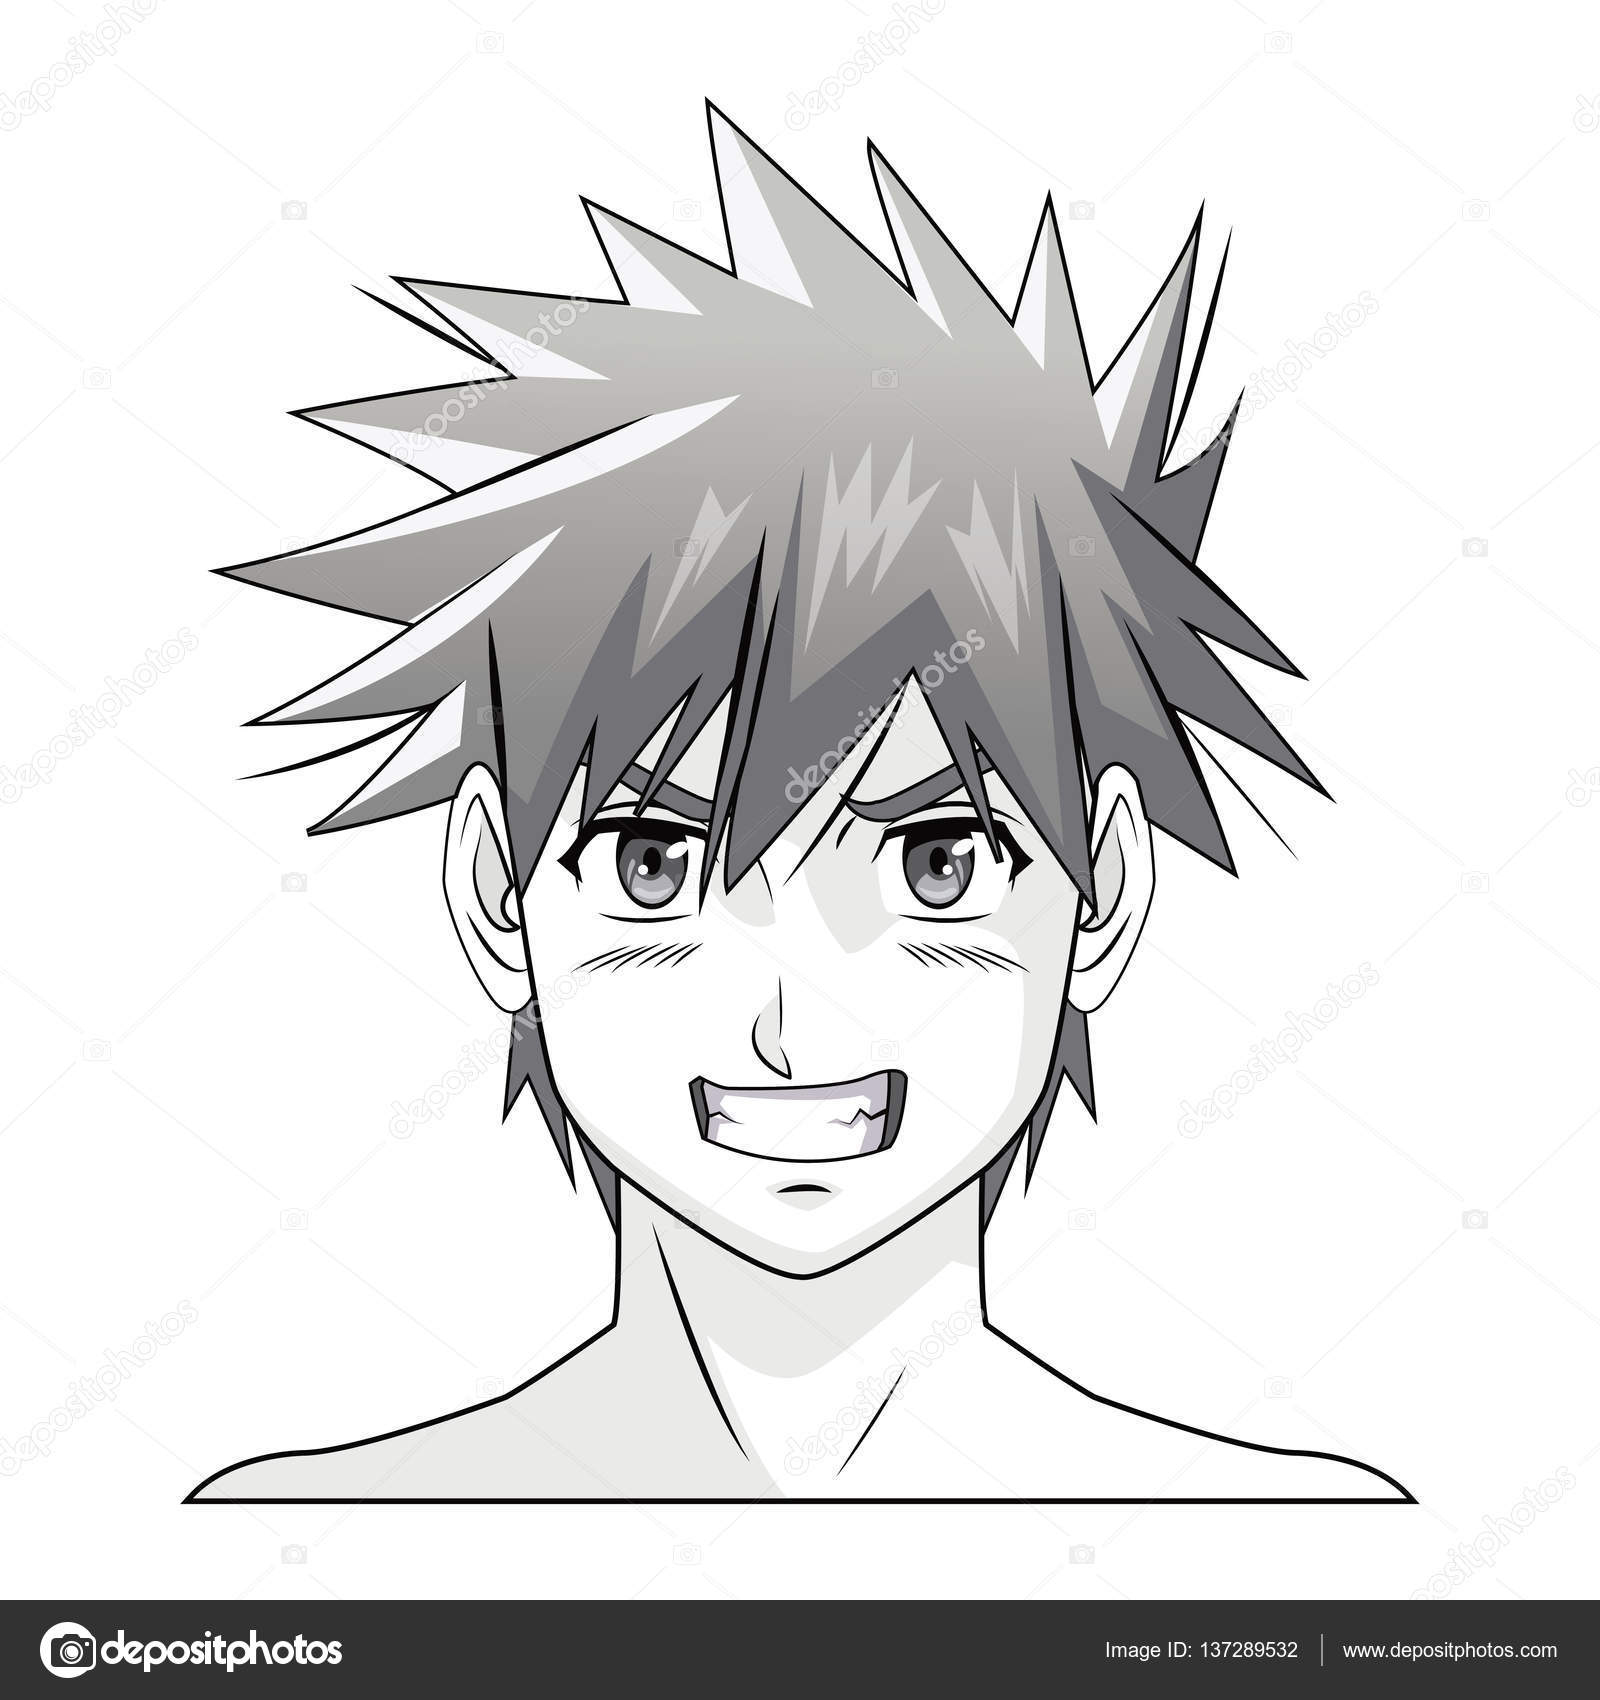 Manga dessin homme visage dessin de manga - Dessin manga visage ...